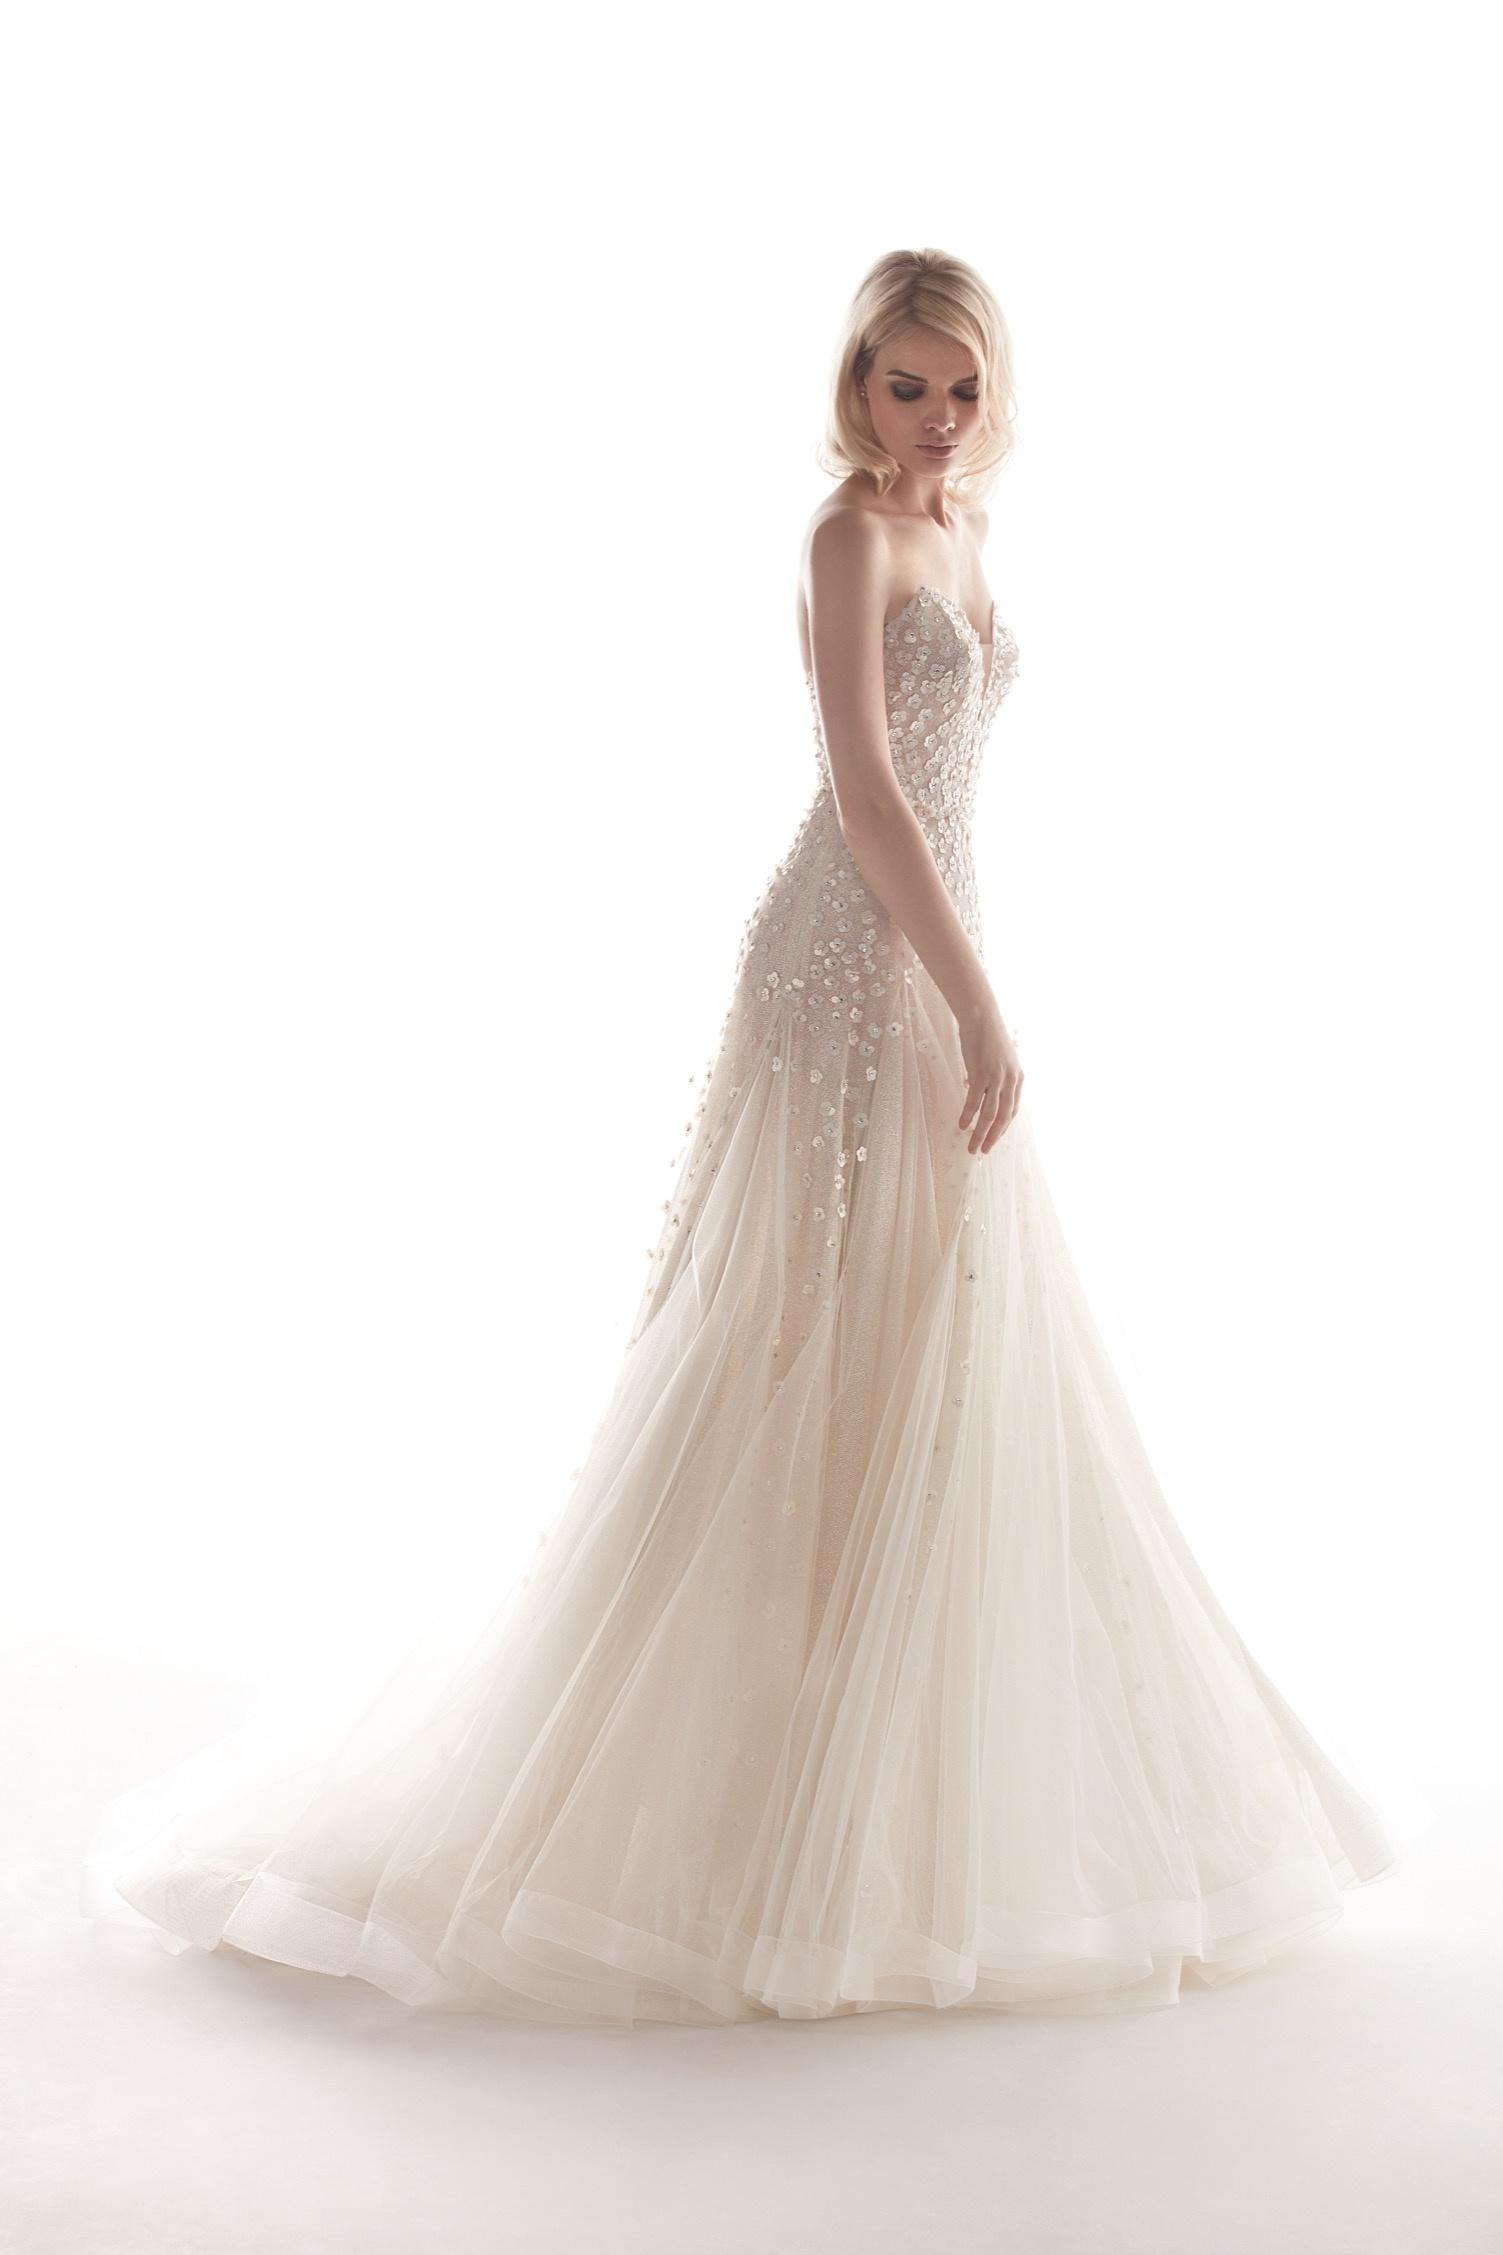 Alessandra-Rinaudo-sposa-2020-1